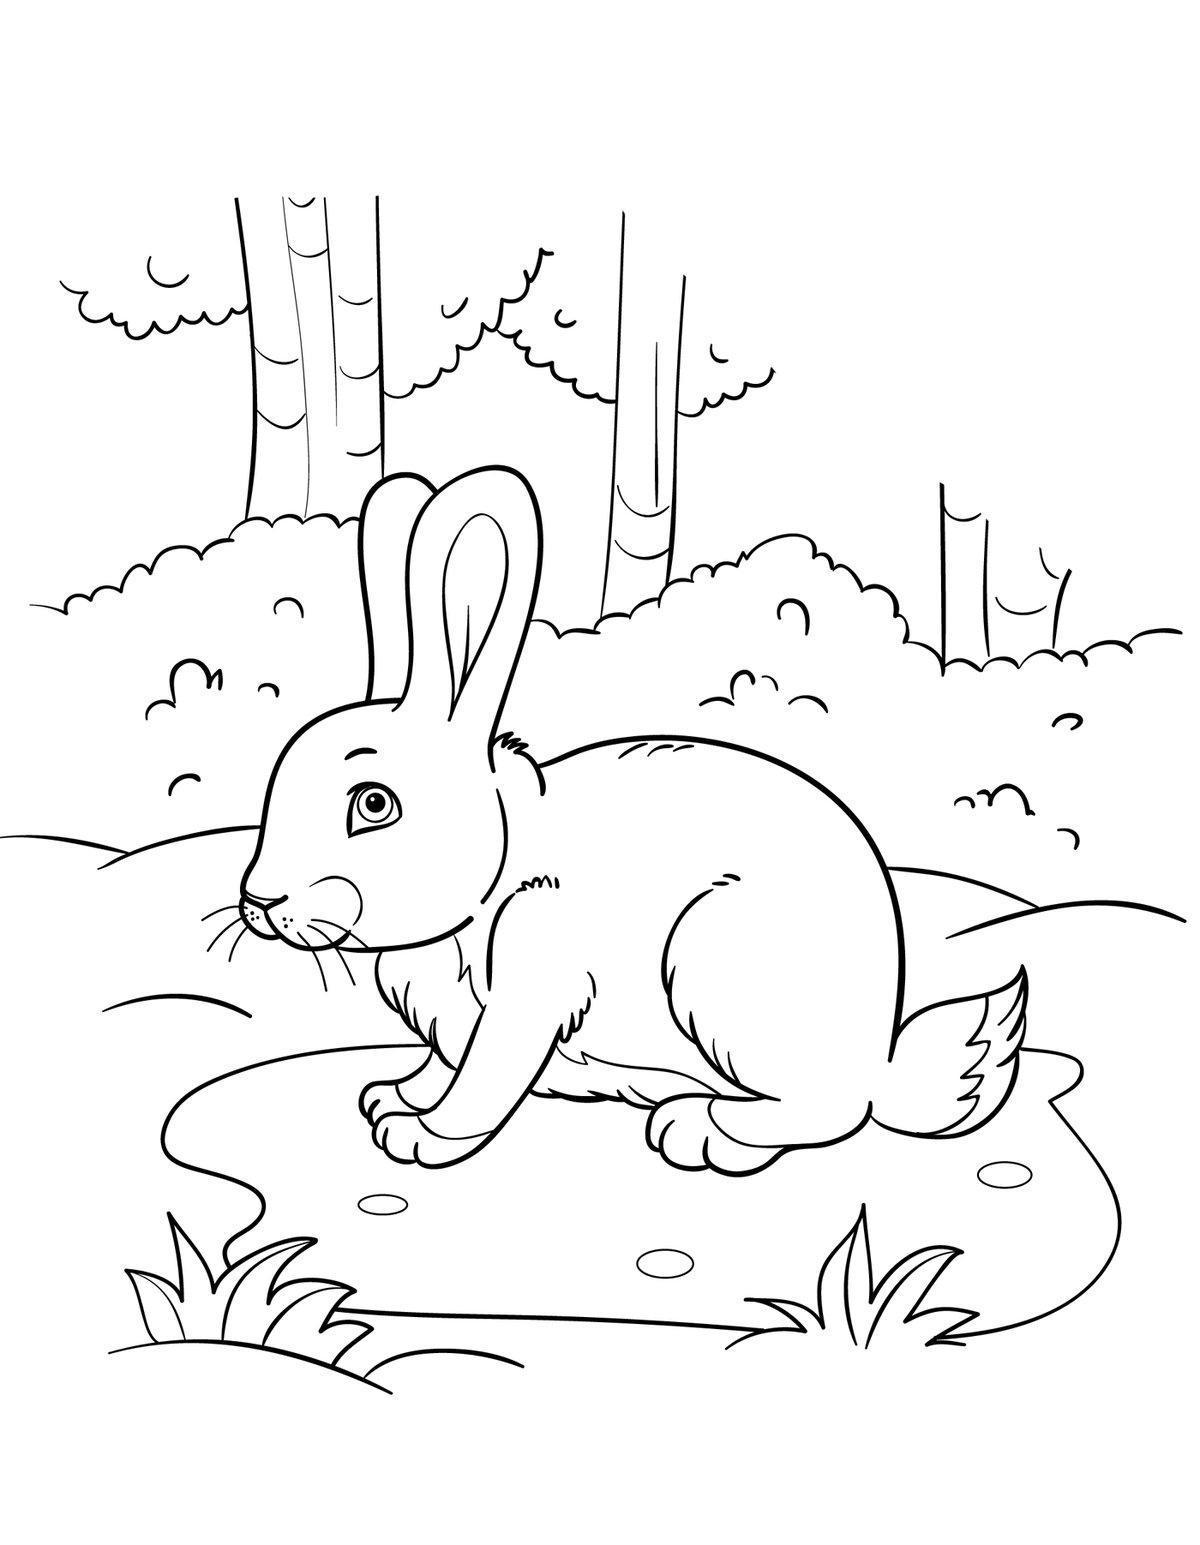 скачать раскраску заяц